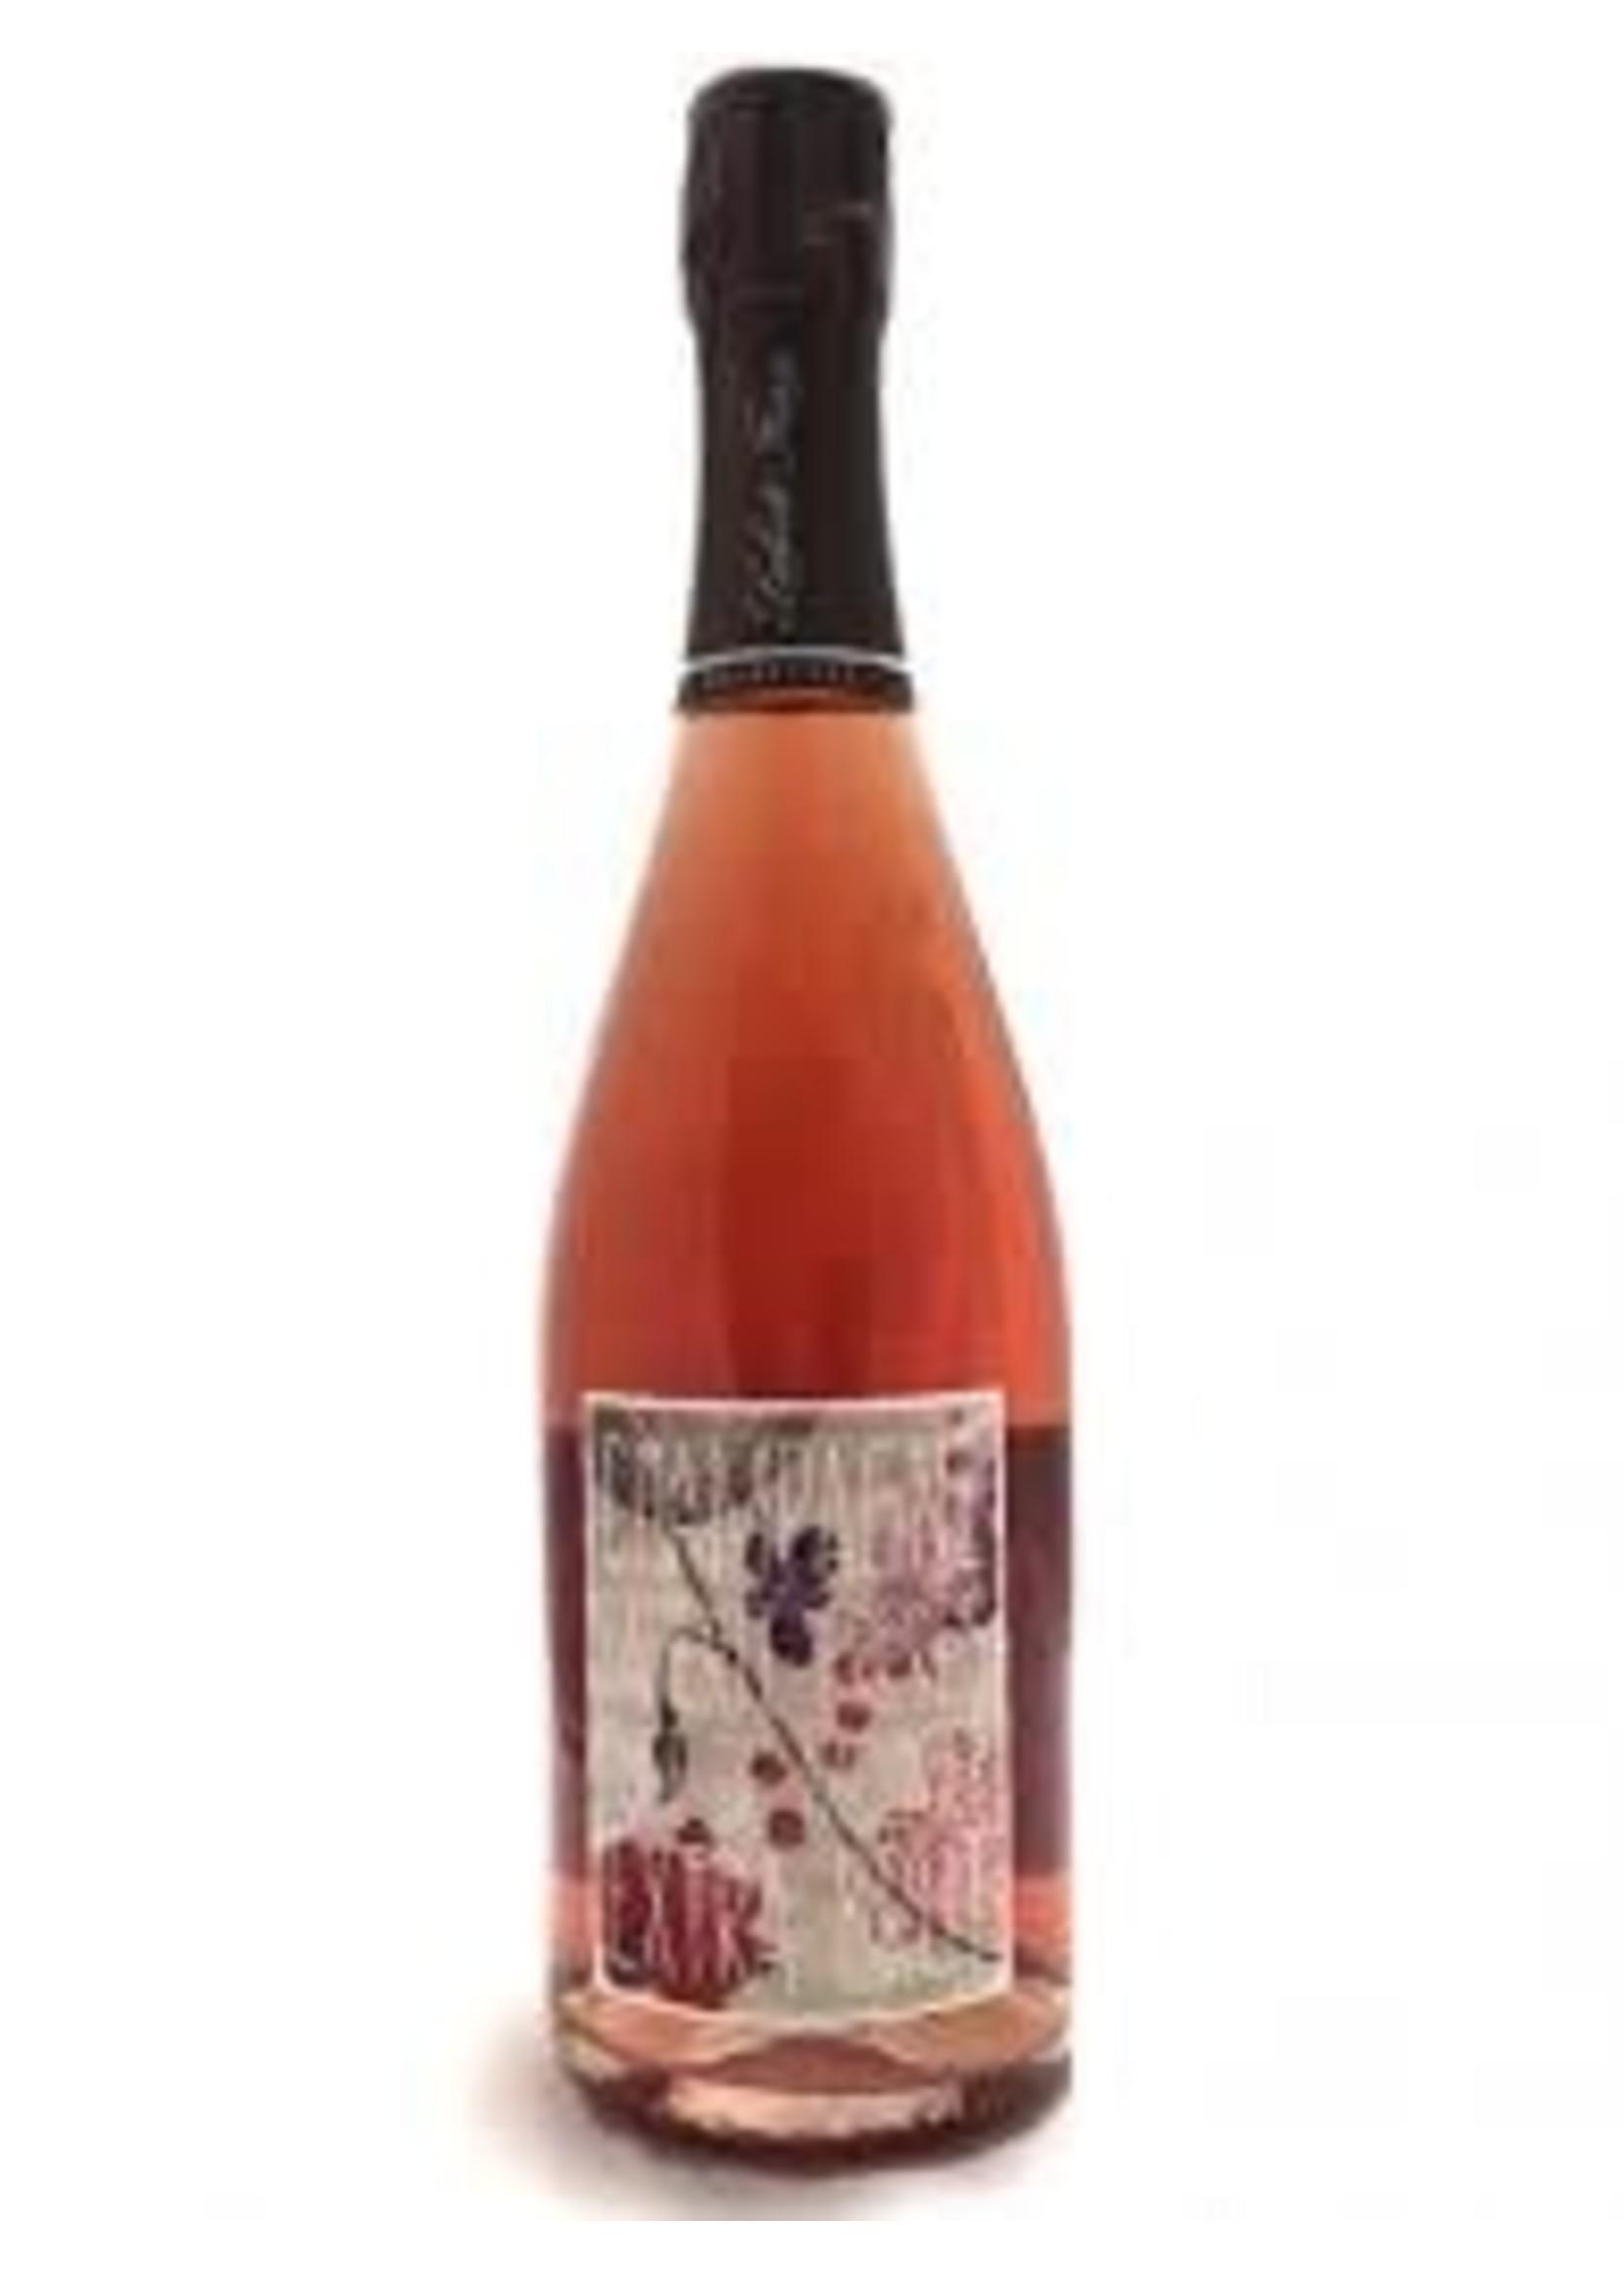 Laherte Freres NV Champagne Rose de Meunier Extra Brut 750ml